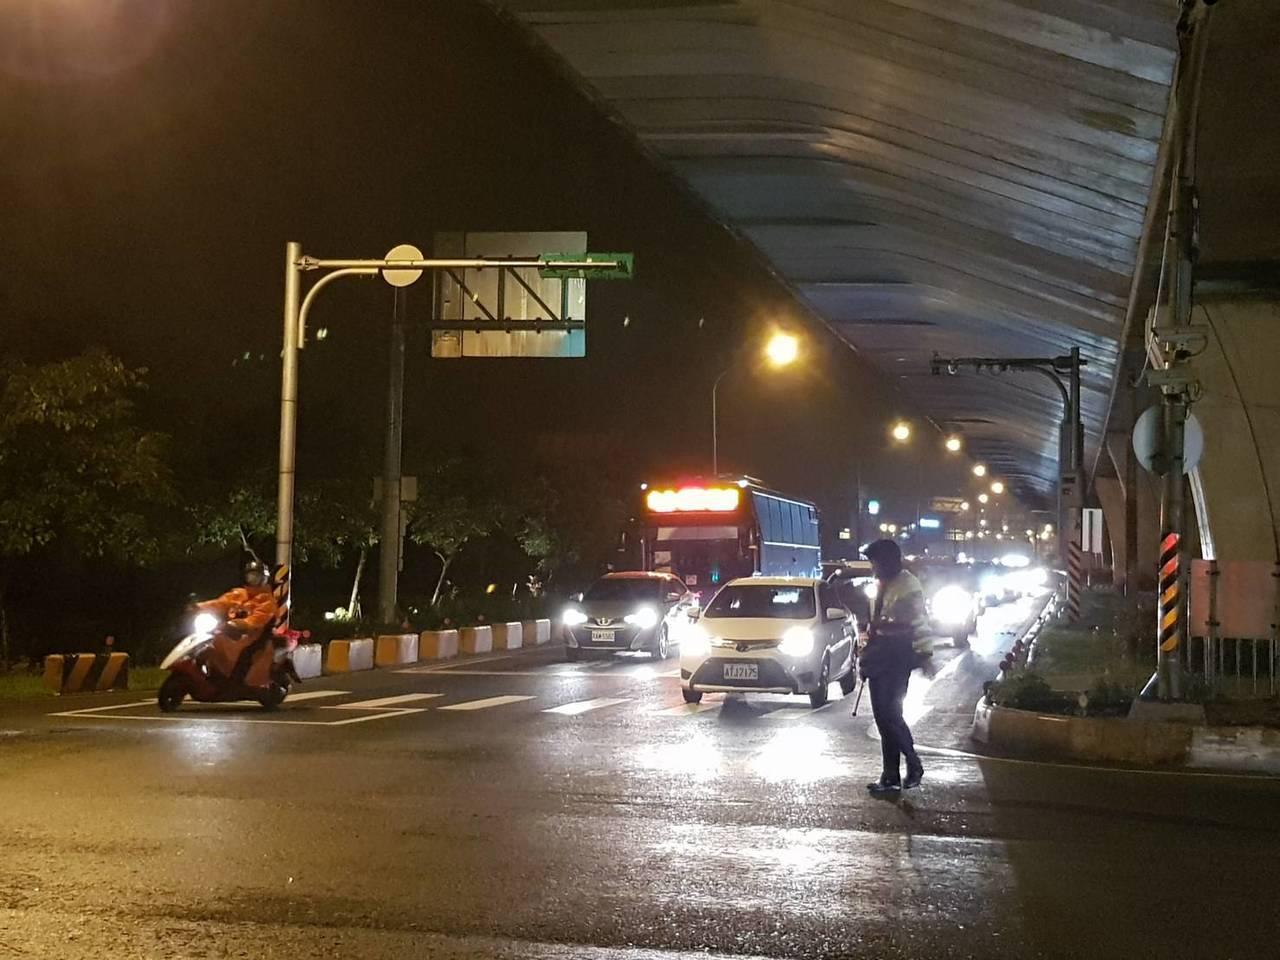 為疏運春節大量車潮,宜蘭縣警局調派人力,在各路段或是容易壅塞路口協助引導車流。圖...